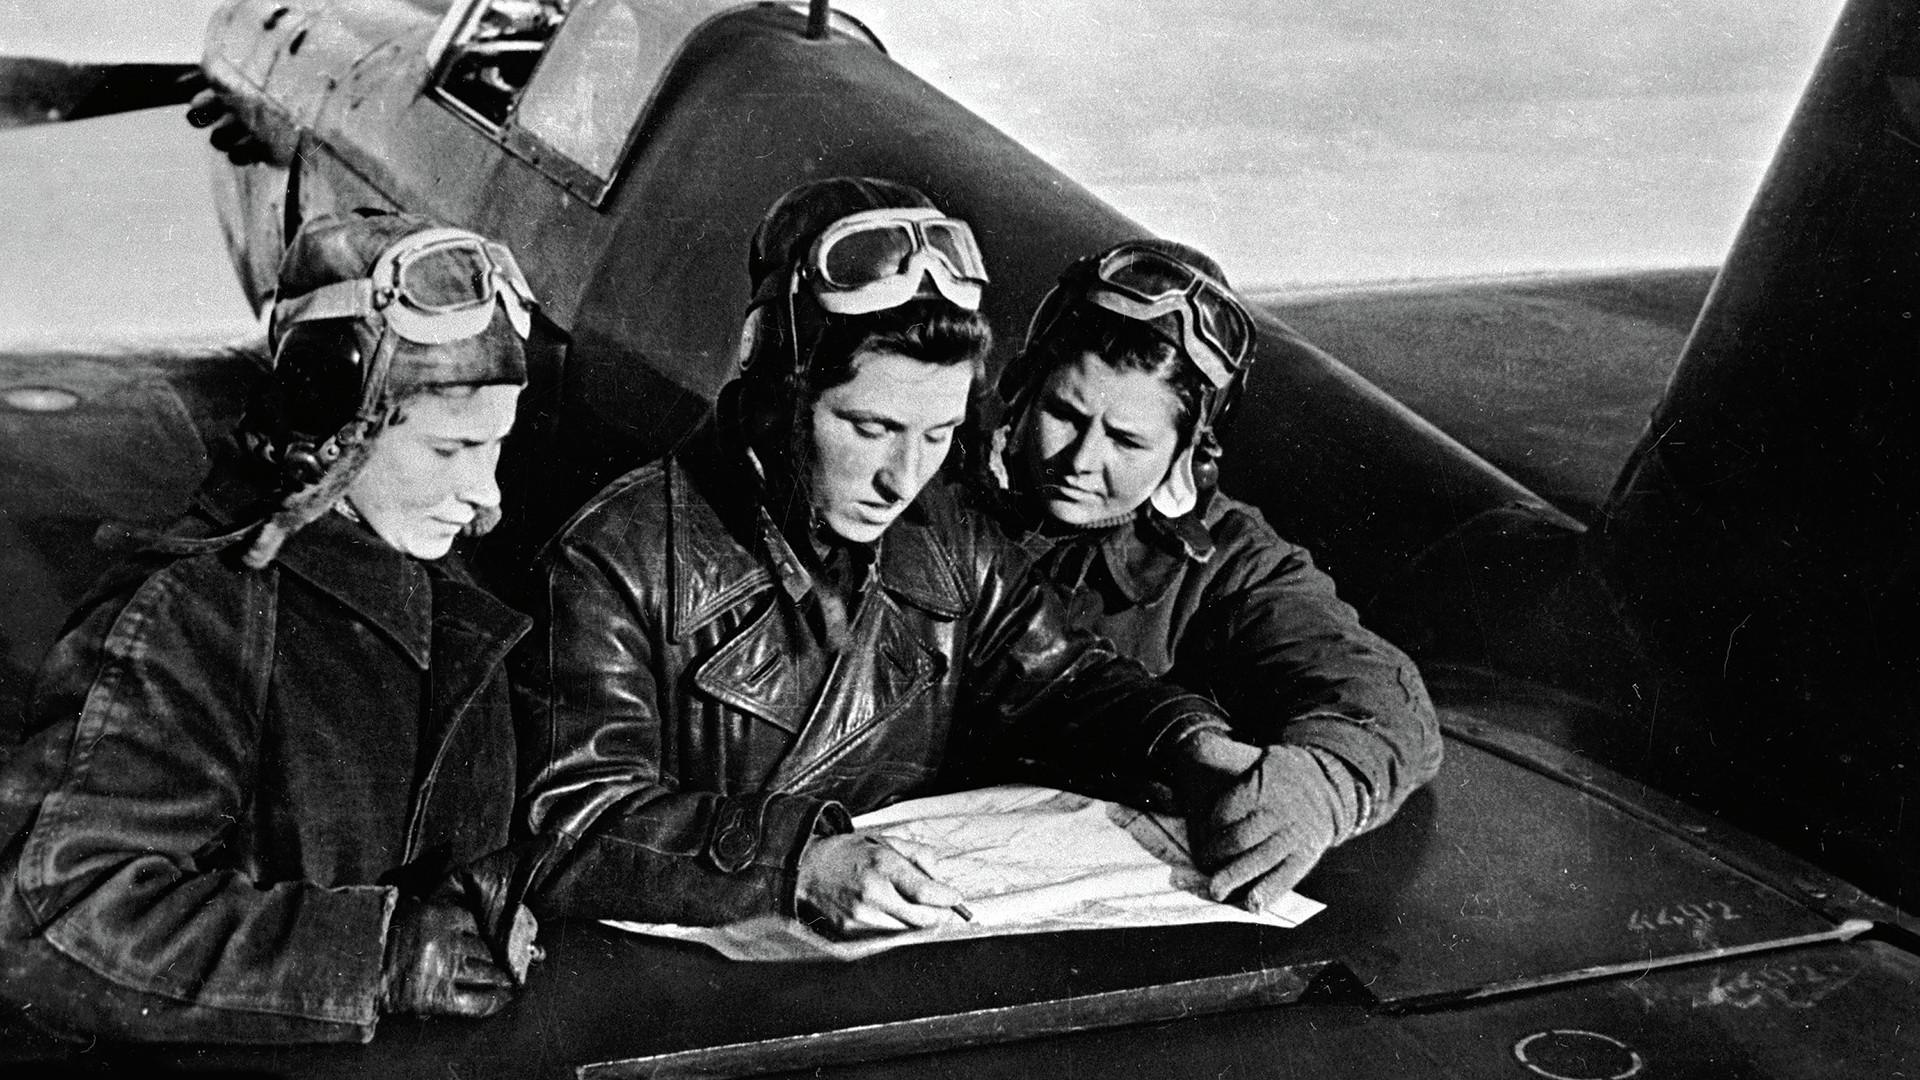 Ljilja Litvjak, Kaća Budanova i Marija Kuznjecova pored zrakoplova Jak-1.